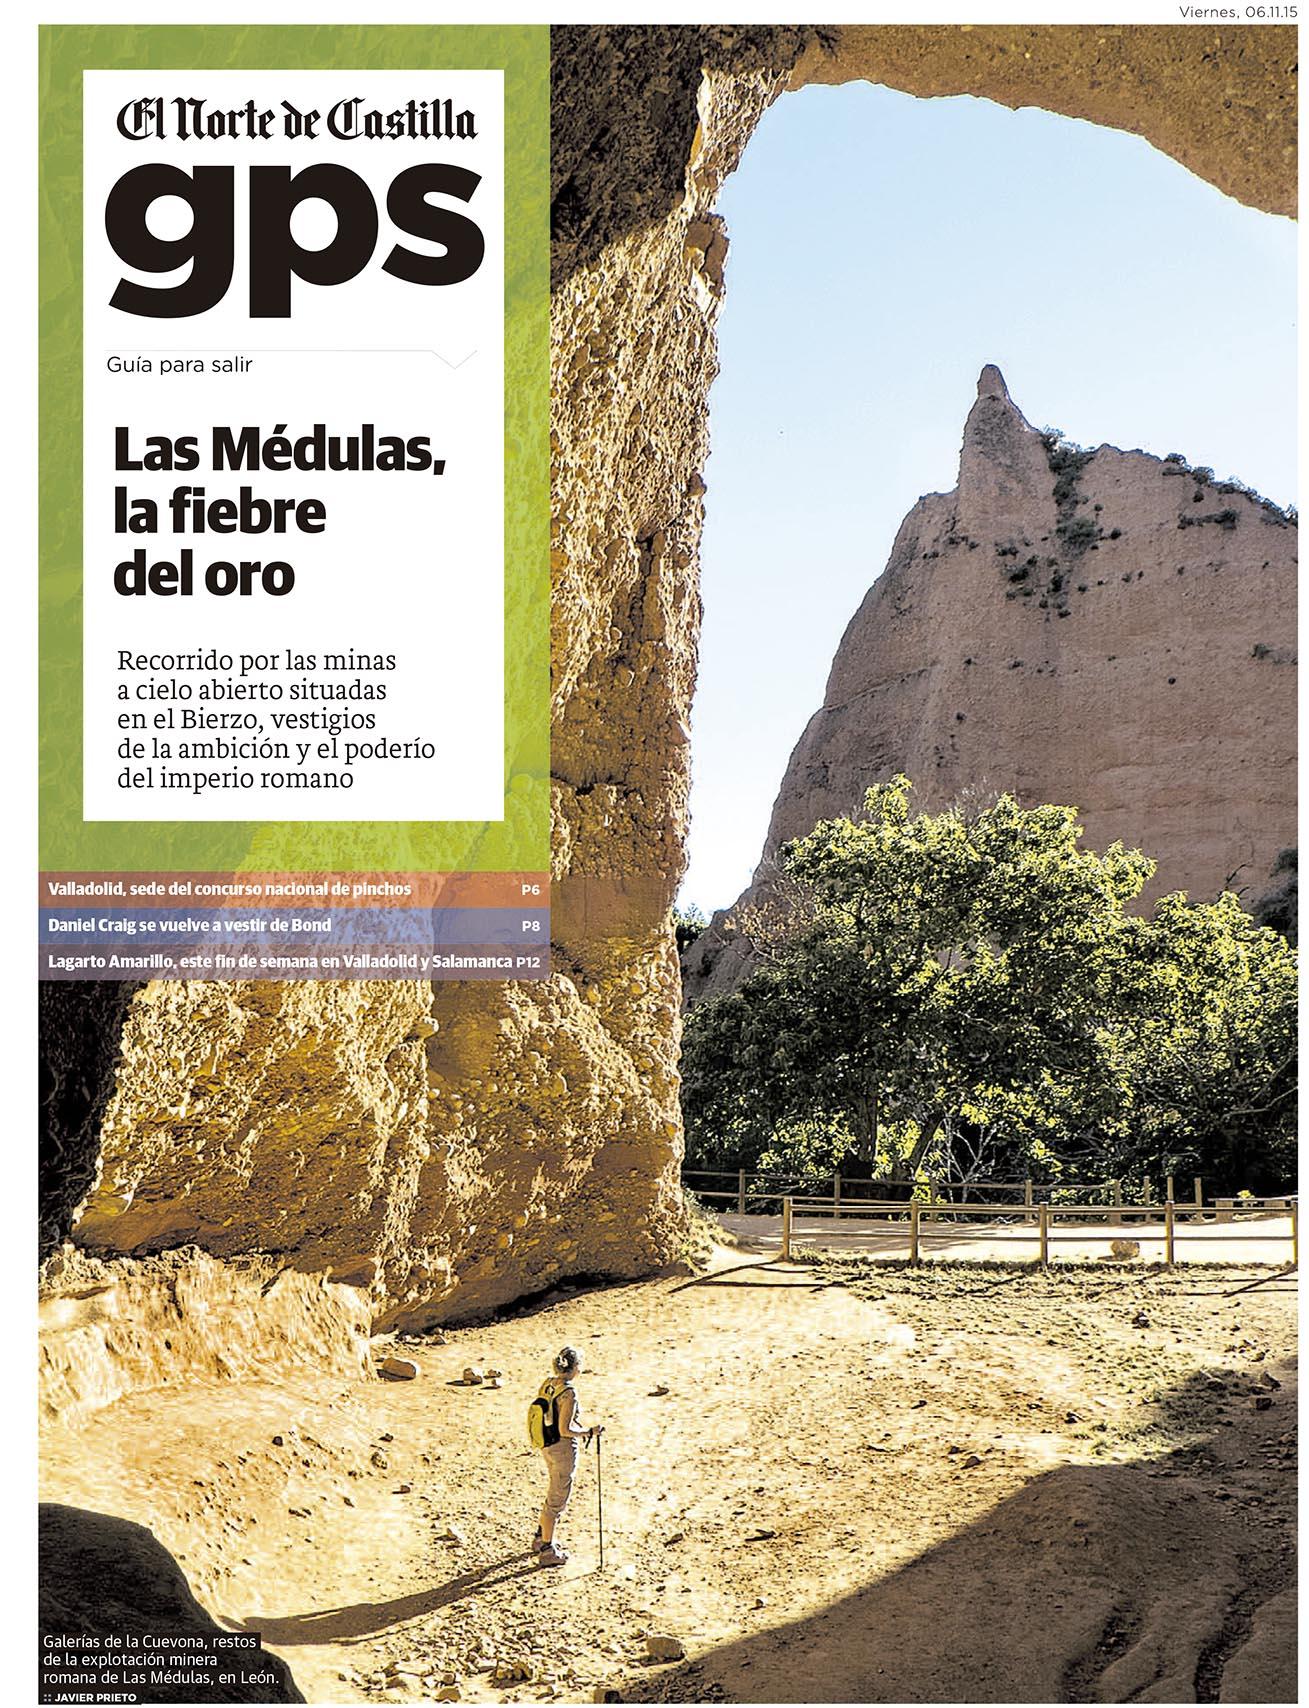 Las Médulas. Reportaje publicado por Javier Prieto Gallego en el periódico EL NORTE DE CASTILLA.